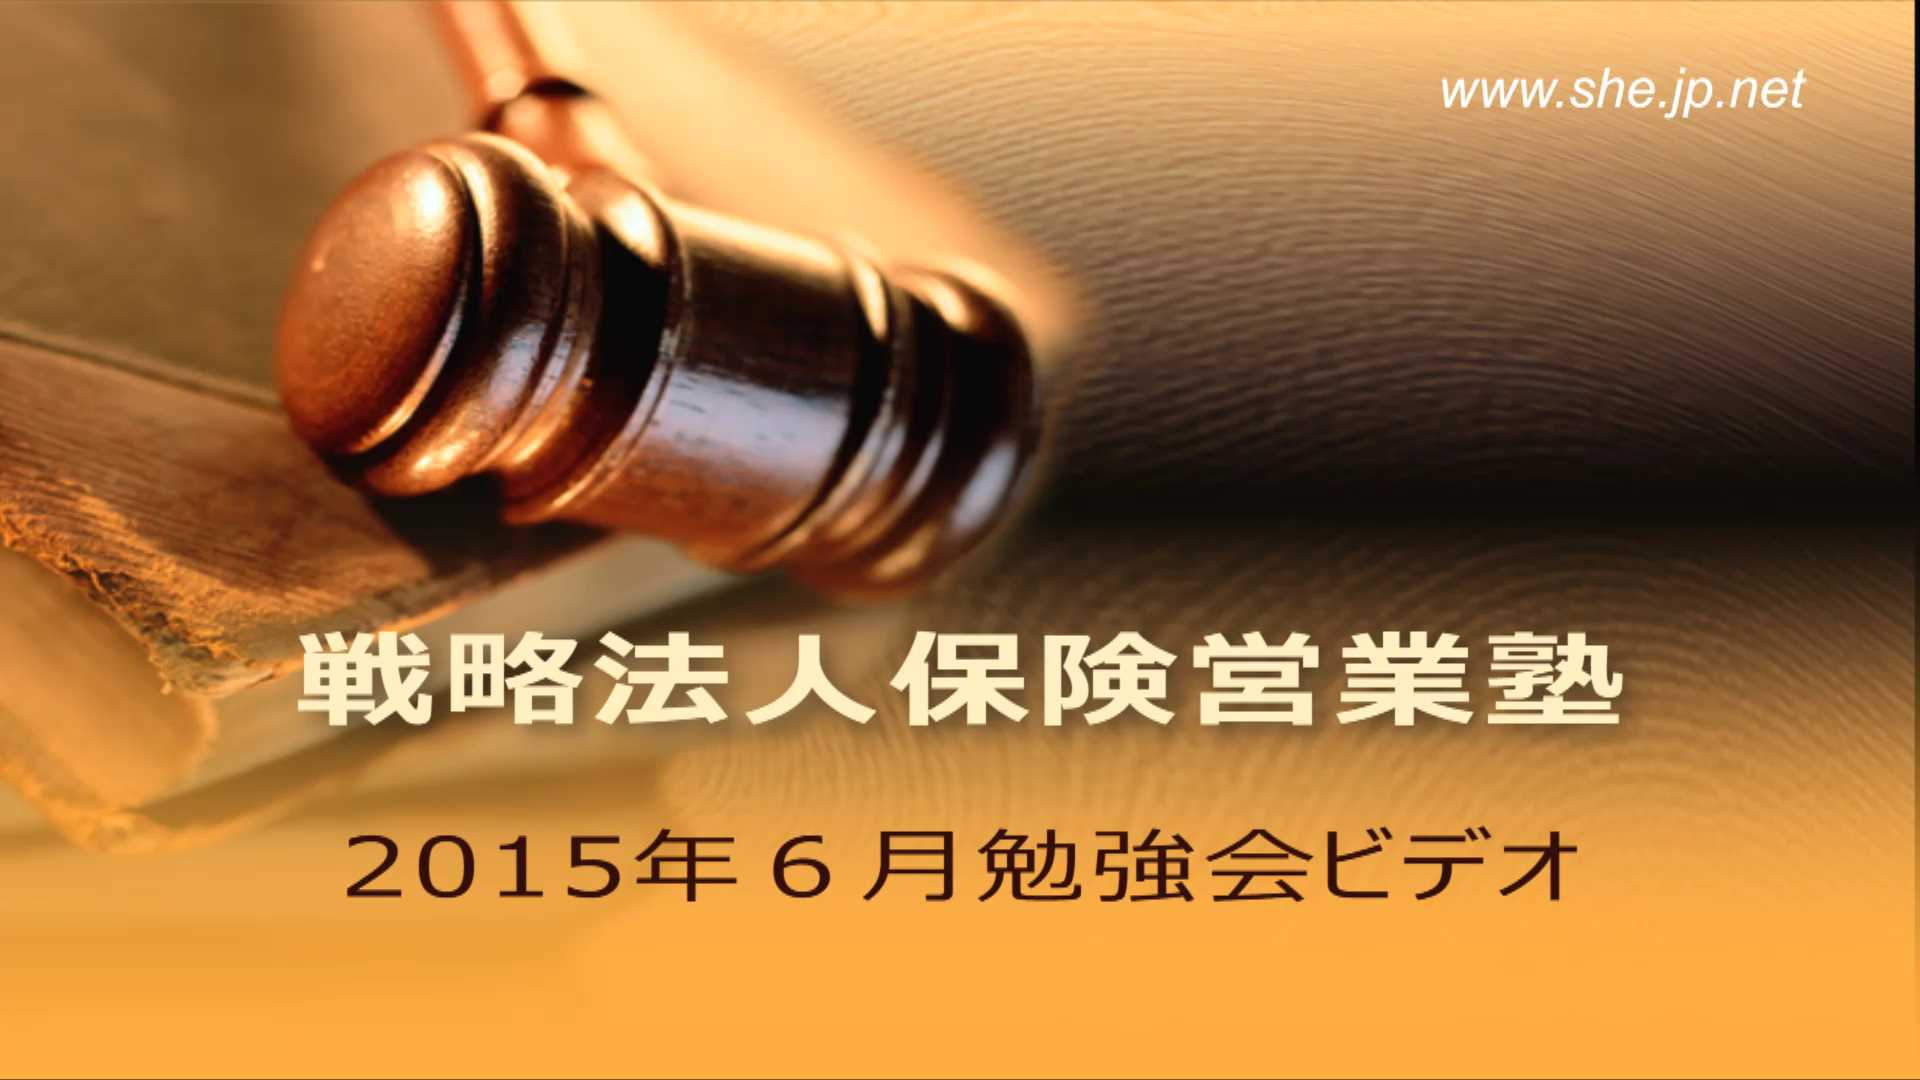 【受講者専用】 2015年6月LiveSHE勉強会ビデオ(メンバー限定)